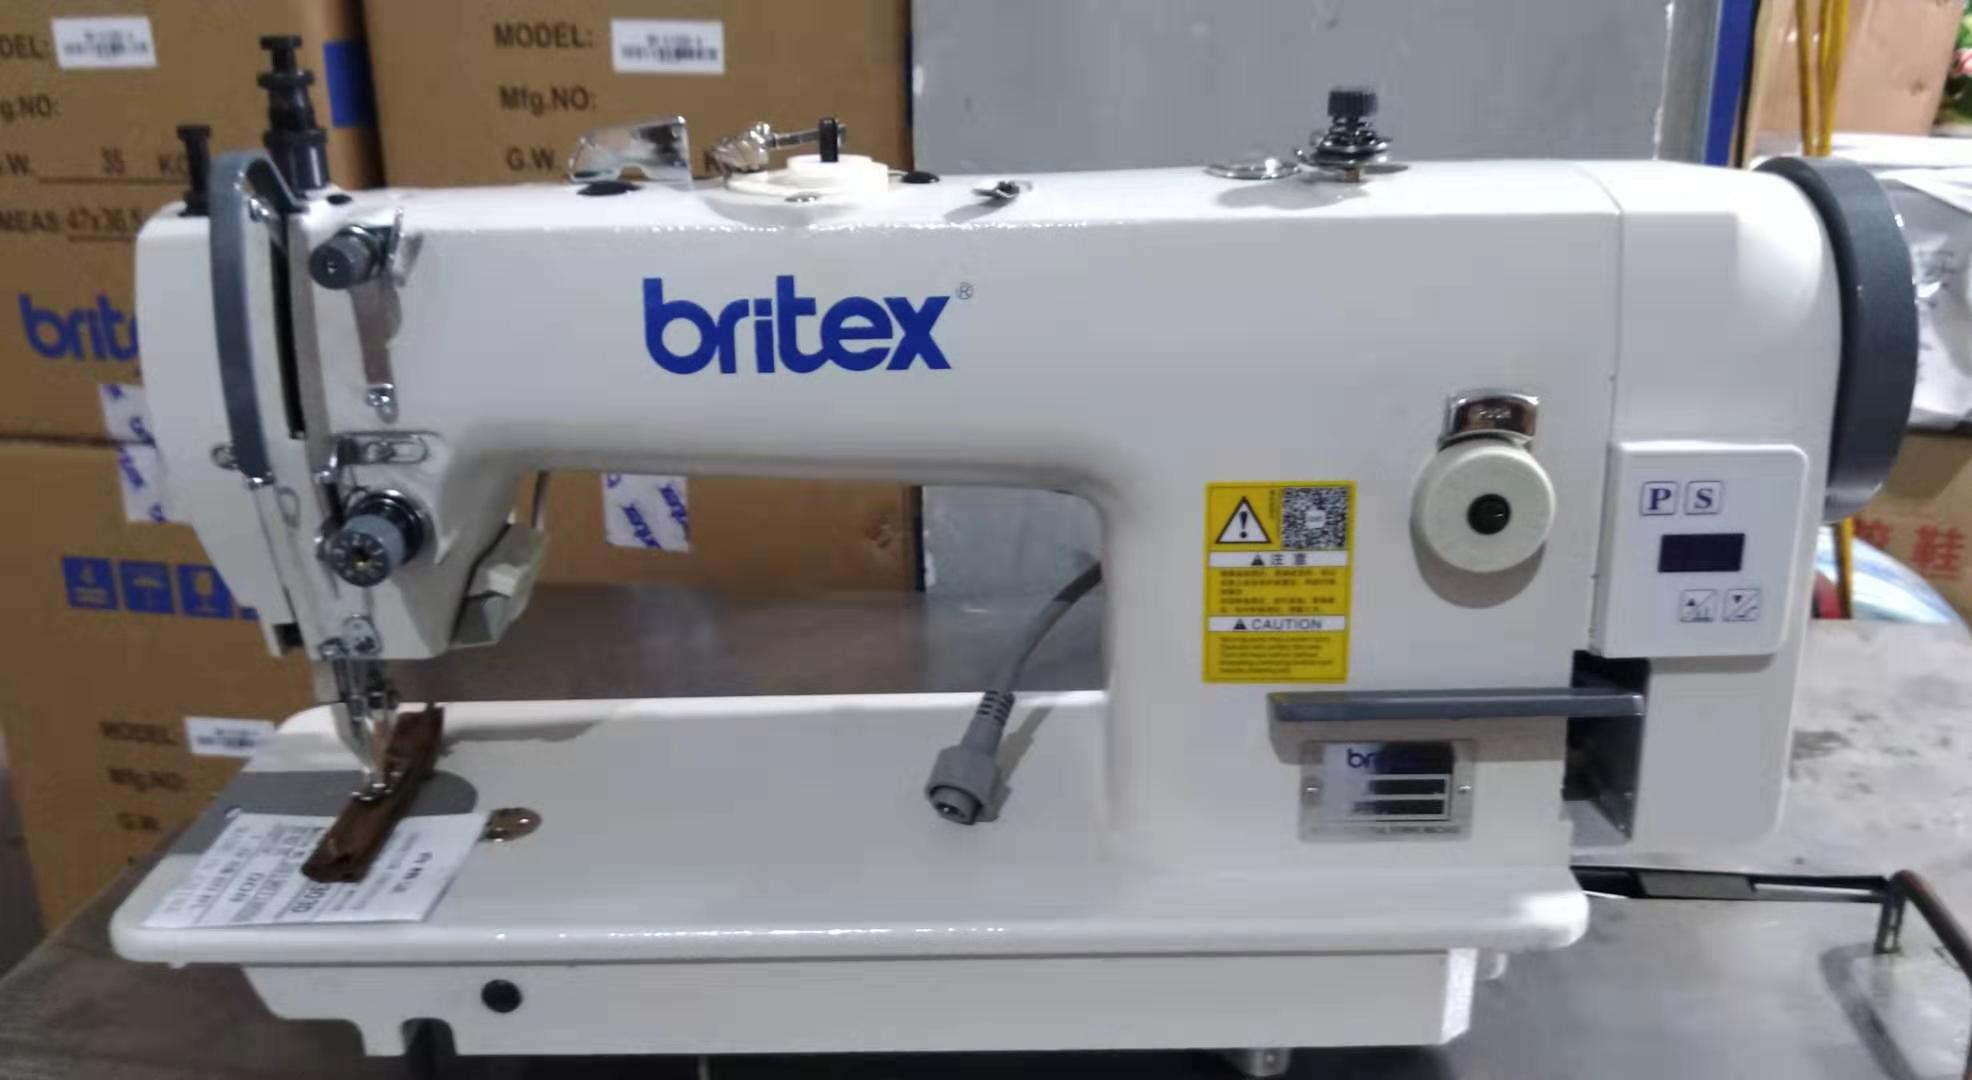 Máy may 01 kim ổ lớn chân vịt bước (Máy cào bơi) LIỀN TRỤC - Hiệu Britex, Model: BR-0303D